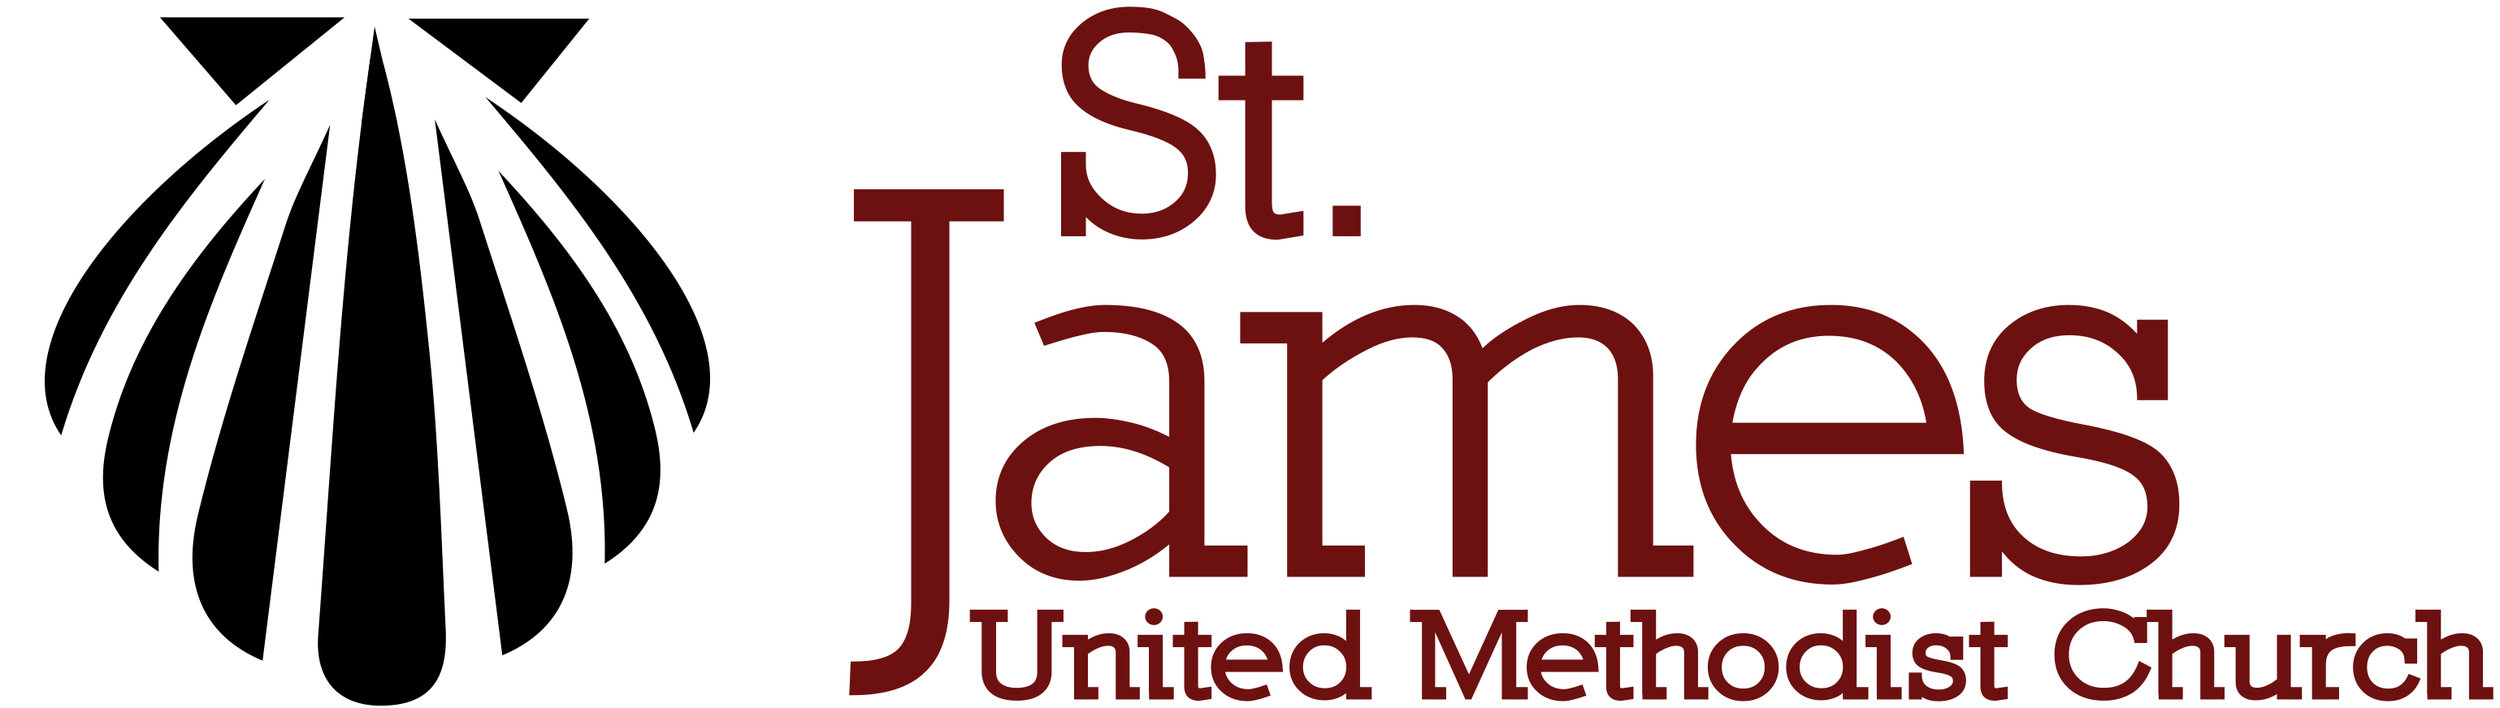 StJ_logo (1).jpg